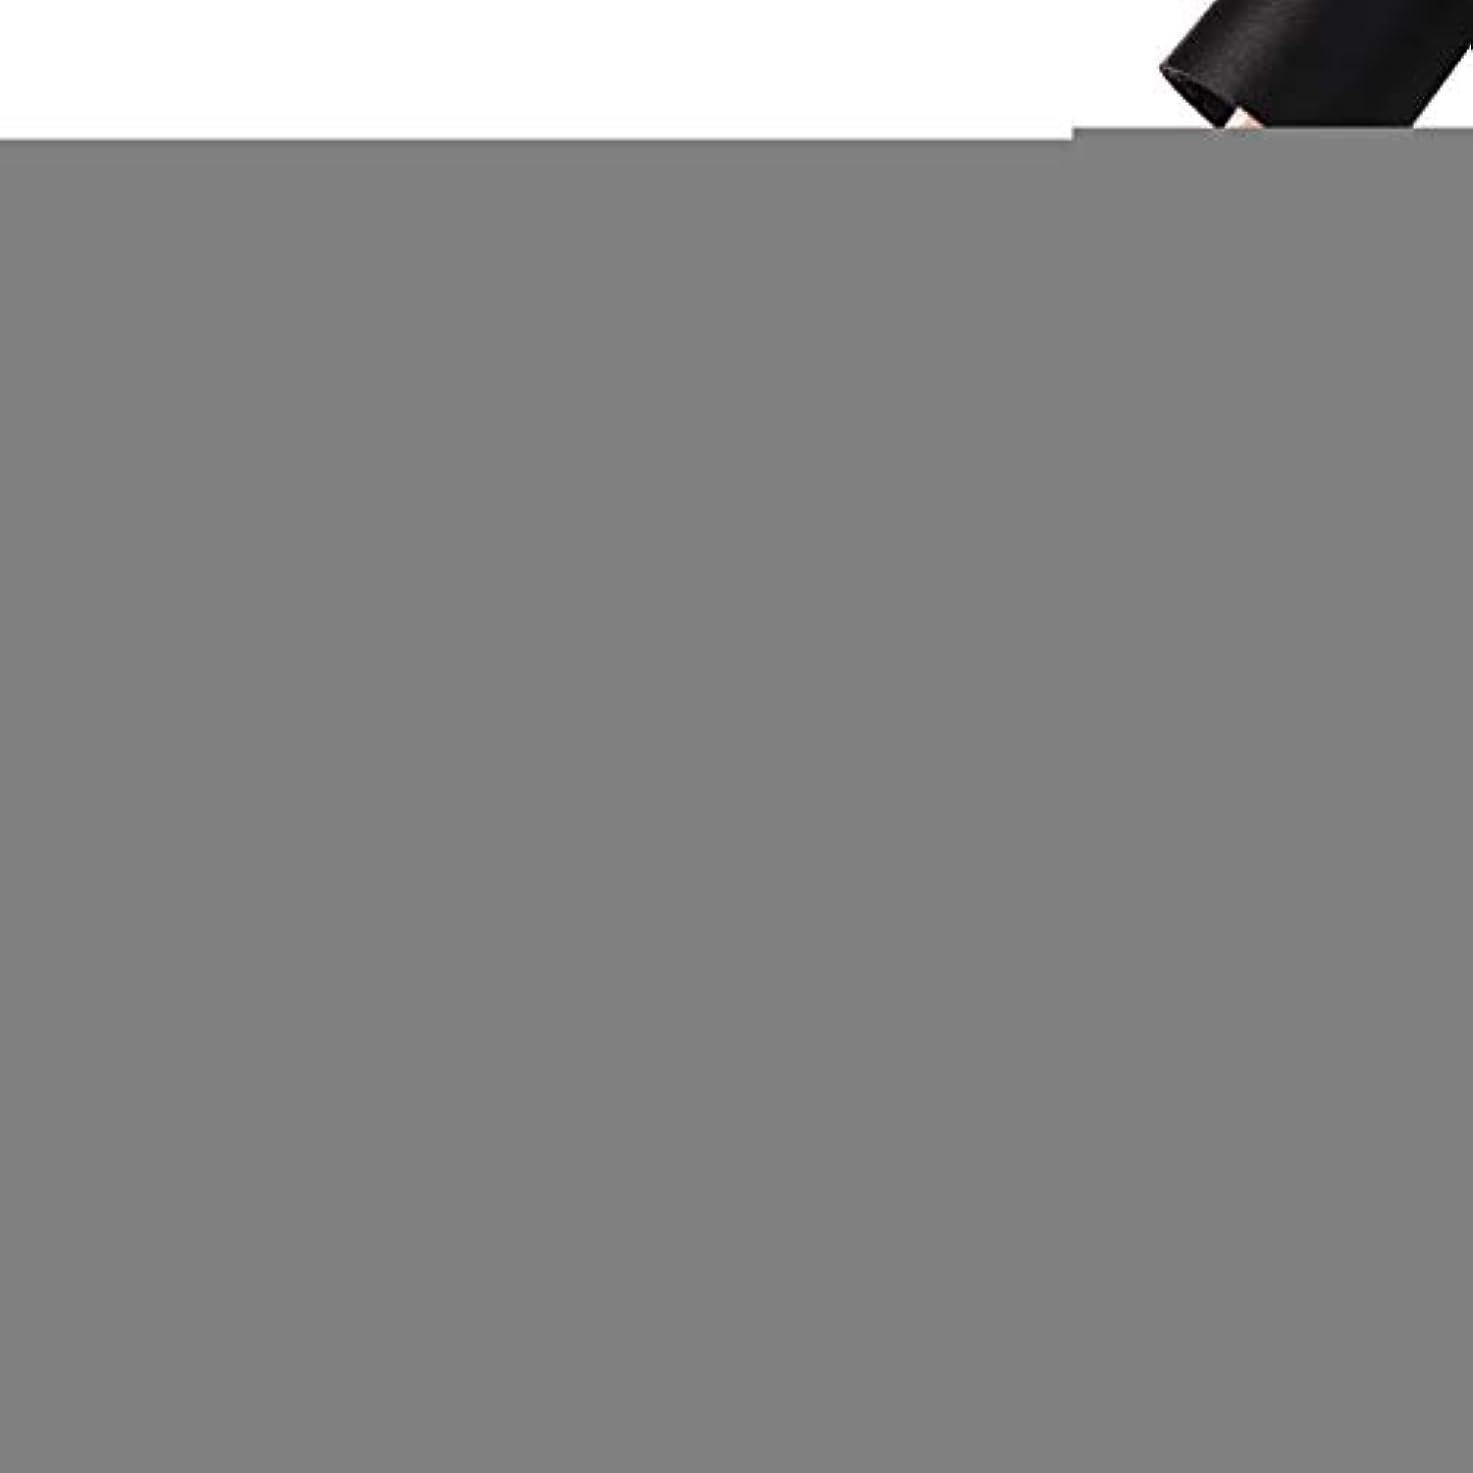 ジェルネイル カラージェル 二段着色プライマー ベースコートとしても カラージェルとしても できる 1色入り 10ml 【全6色選択可】